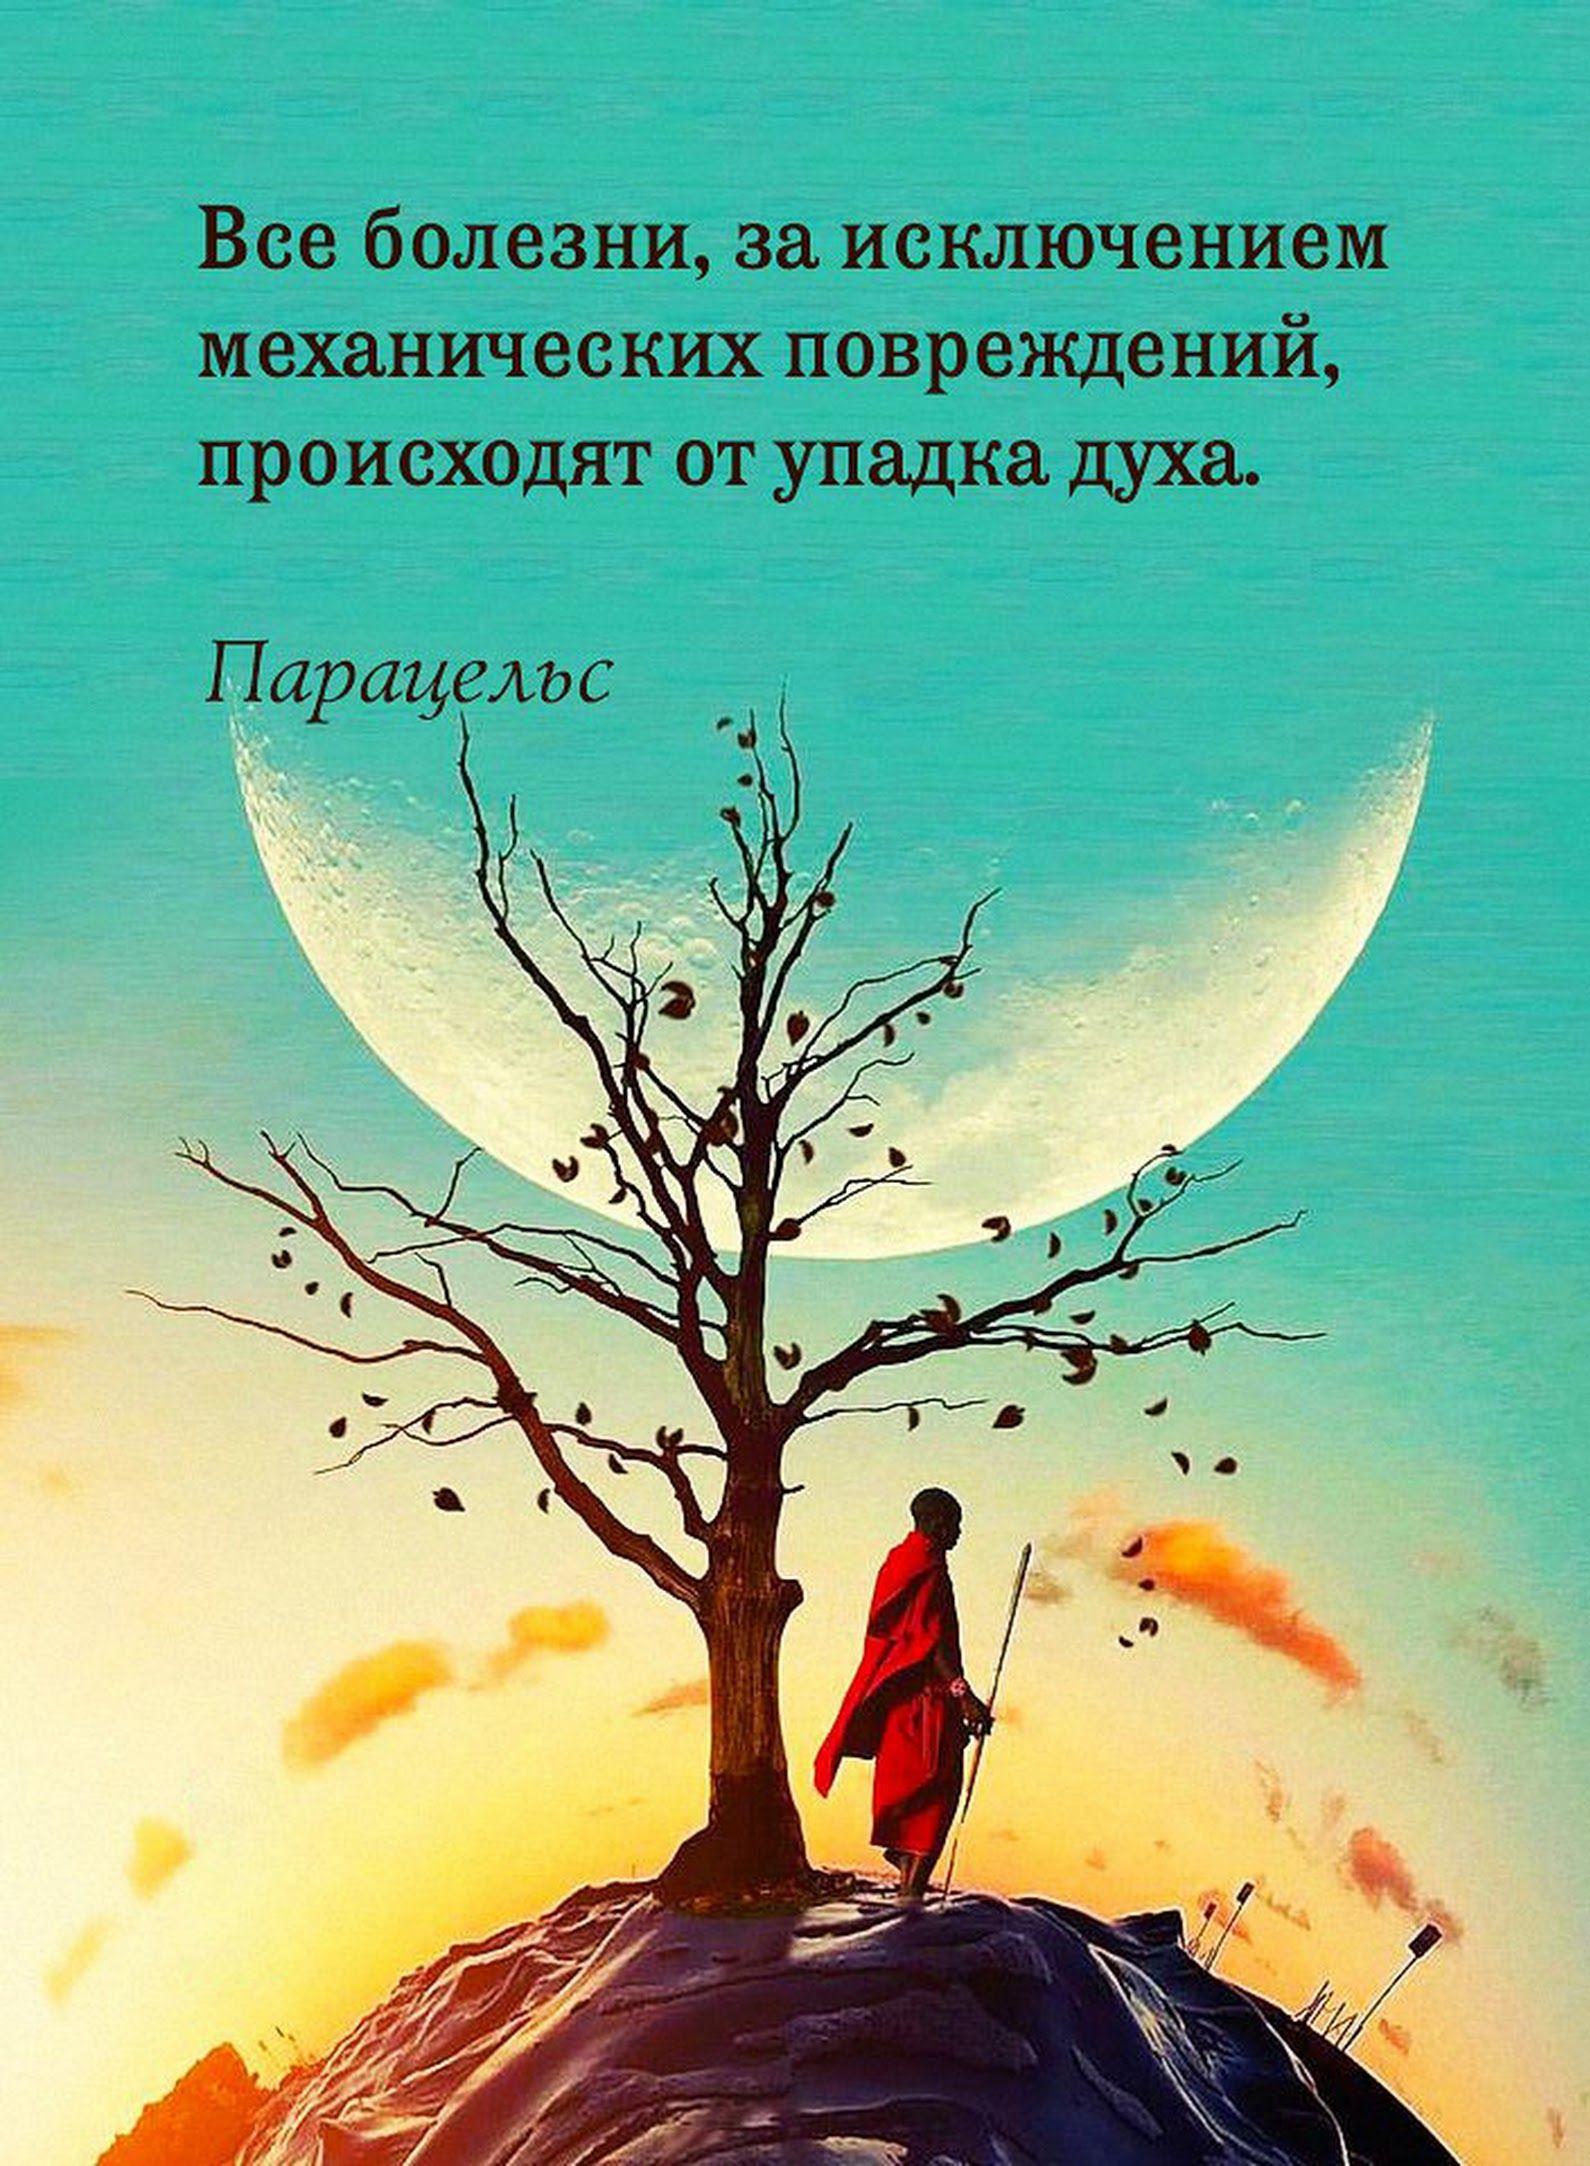 Открытке, открытки мудрые мысли о жизни